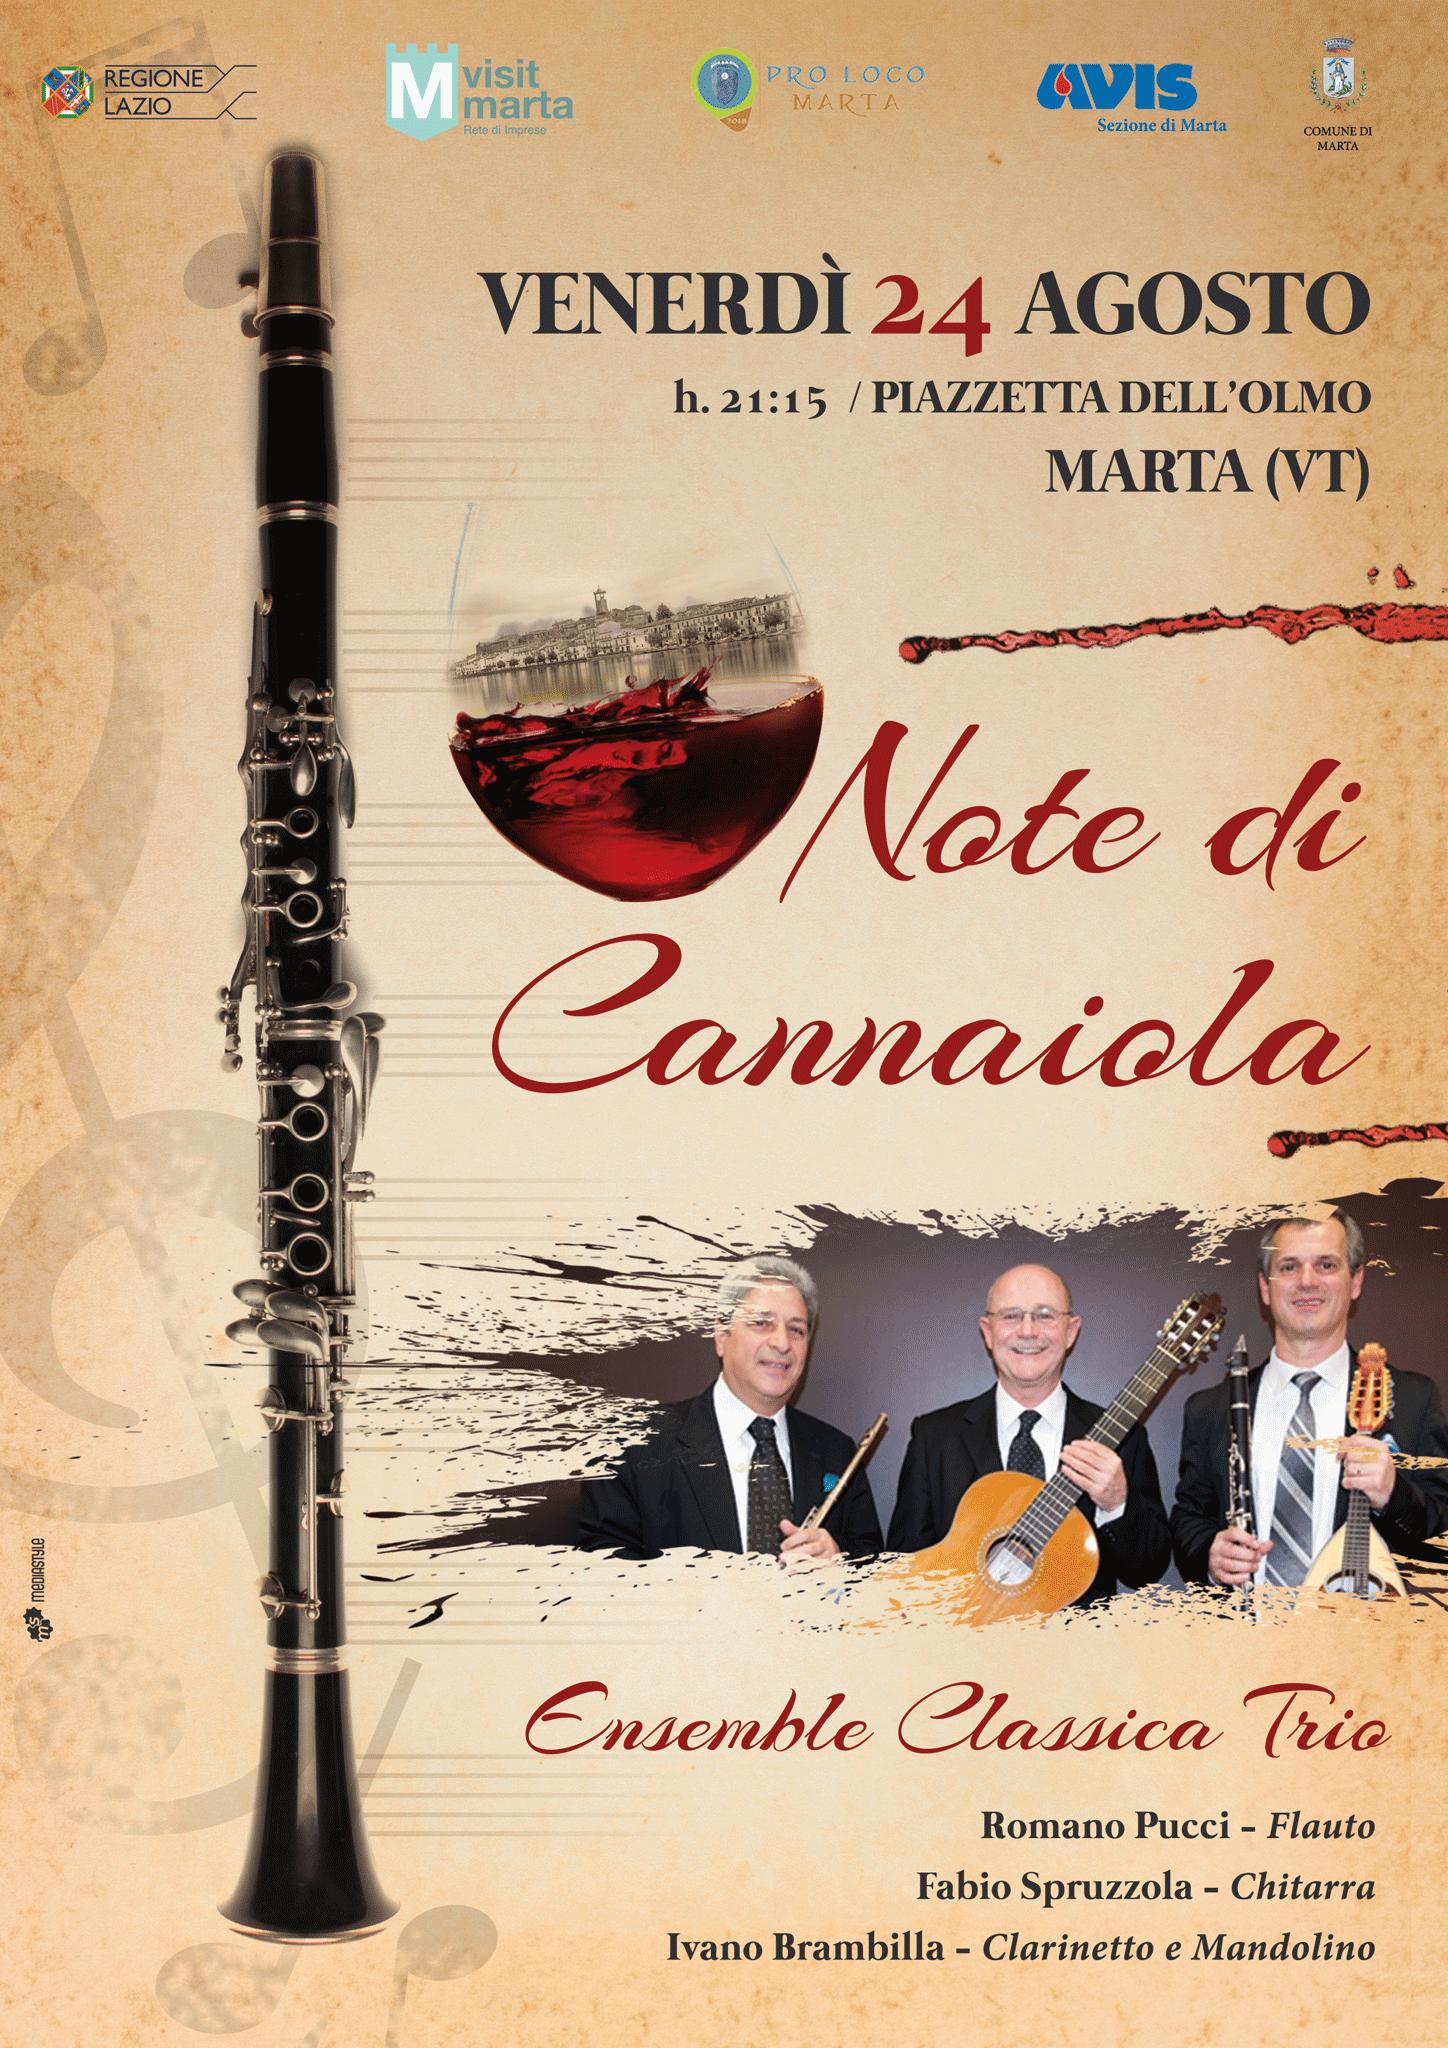 Ensemble Classic Trio - 24 Agosto 2018